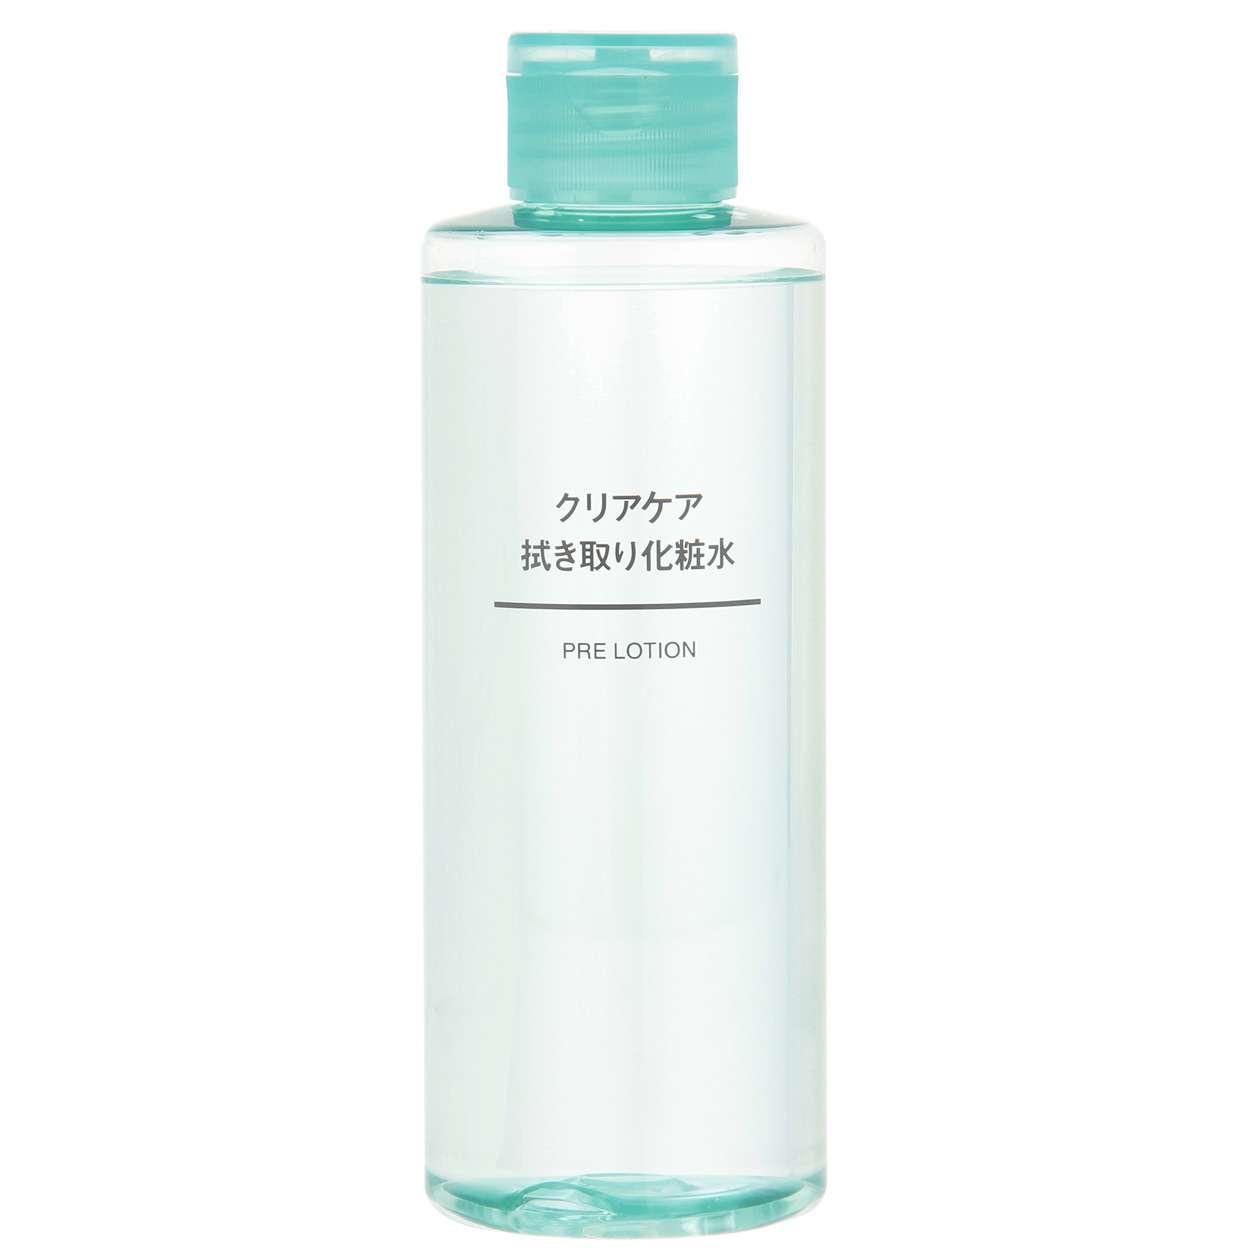 拭き取り化粧水のオススメありますか?